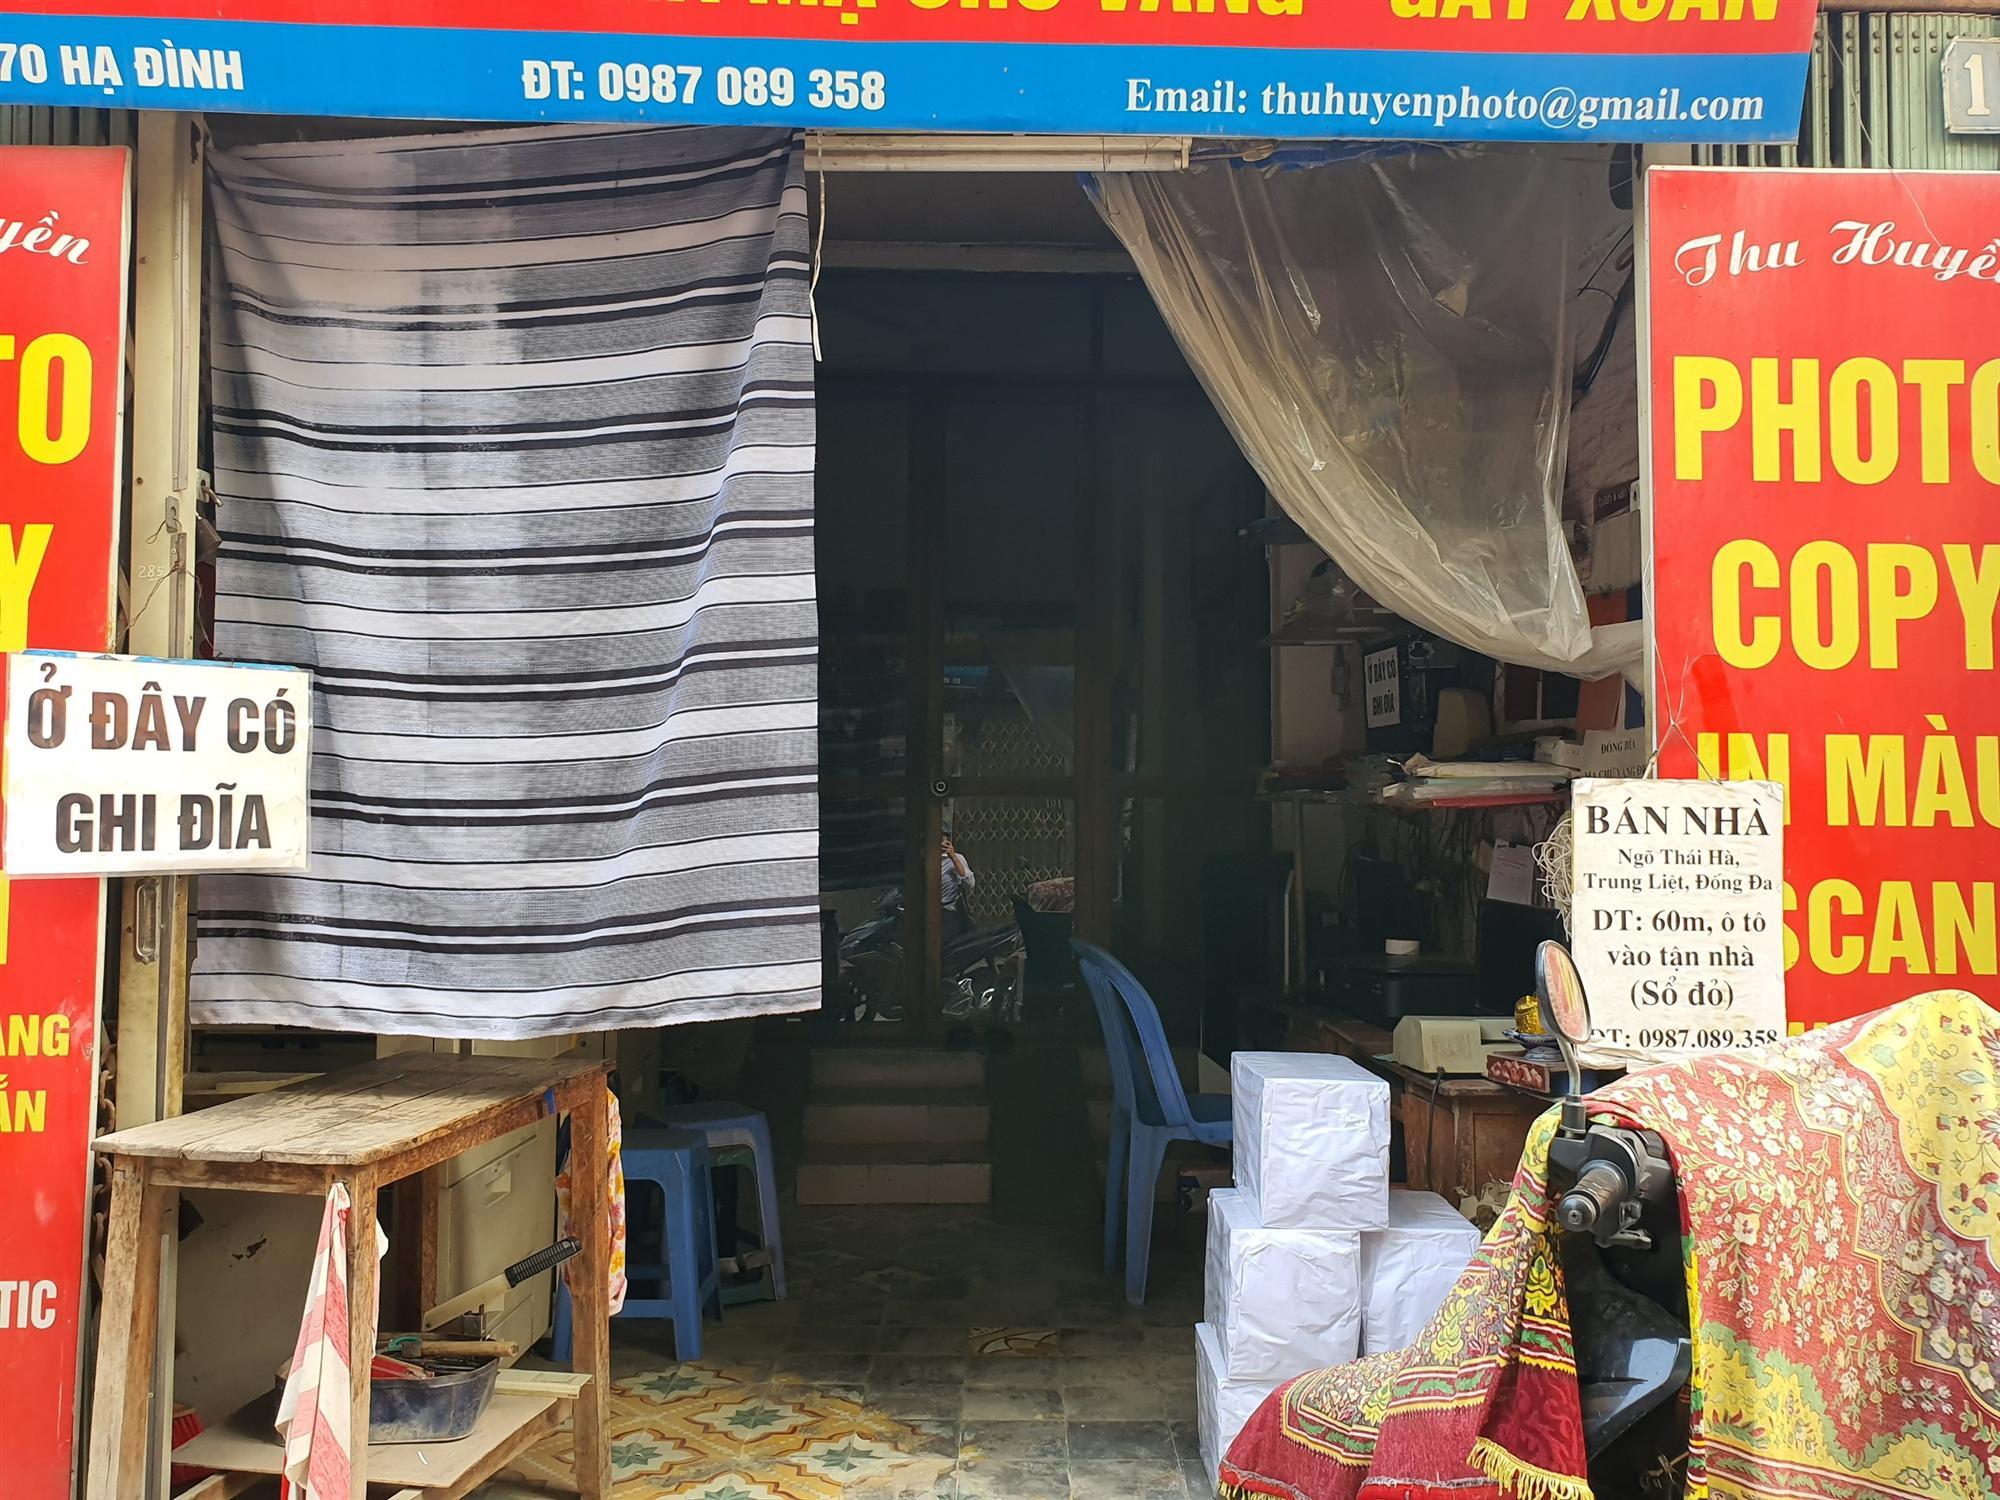 Hàng quán đóng cửa sang nhượng, dân quanh khu Rạng Đông thi nhau bán nhà-5